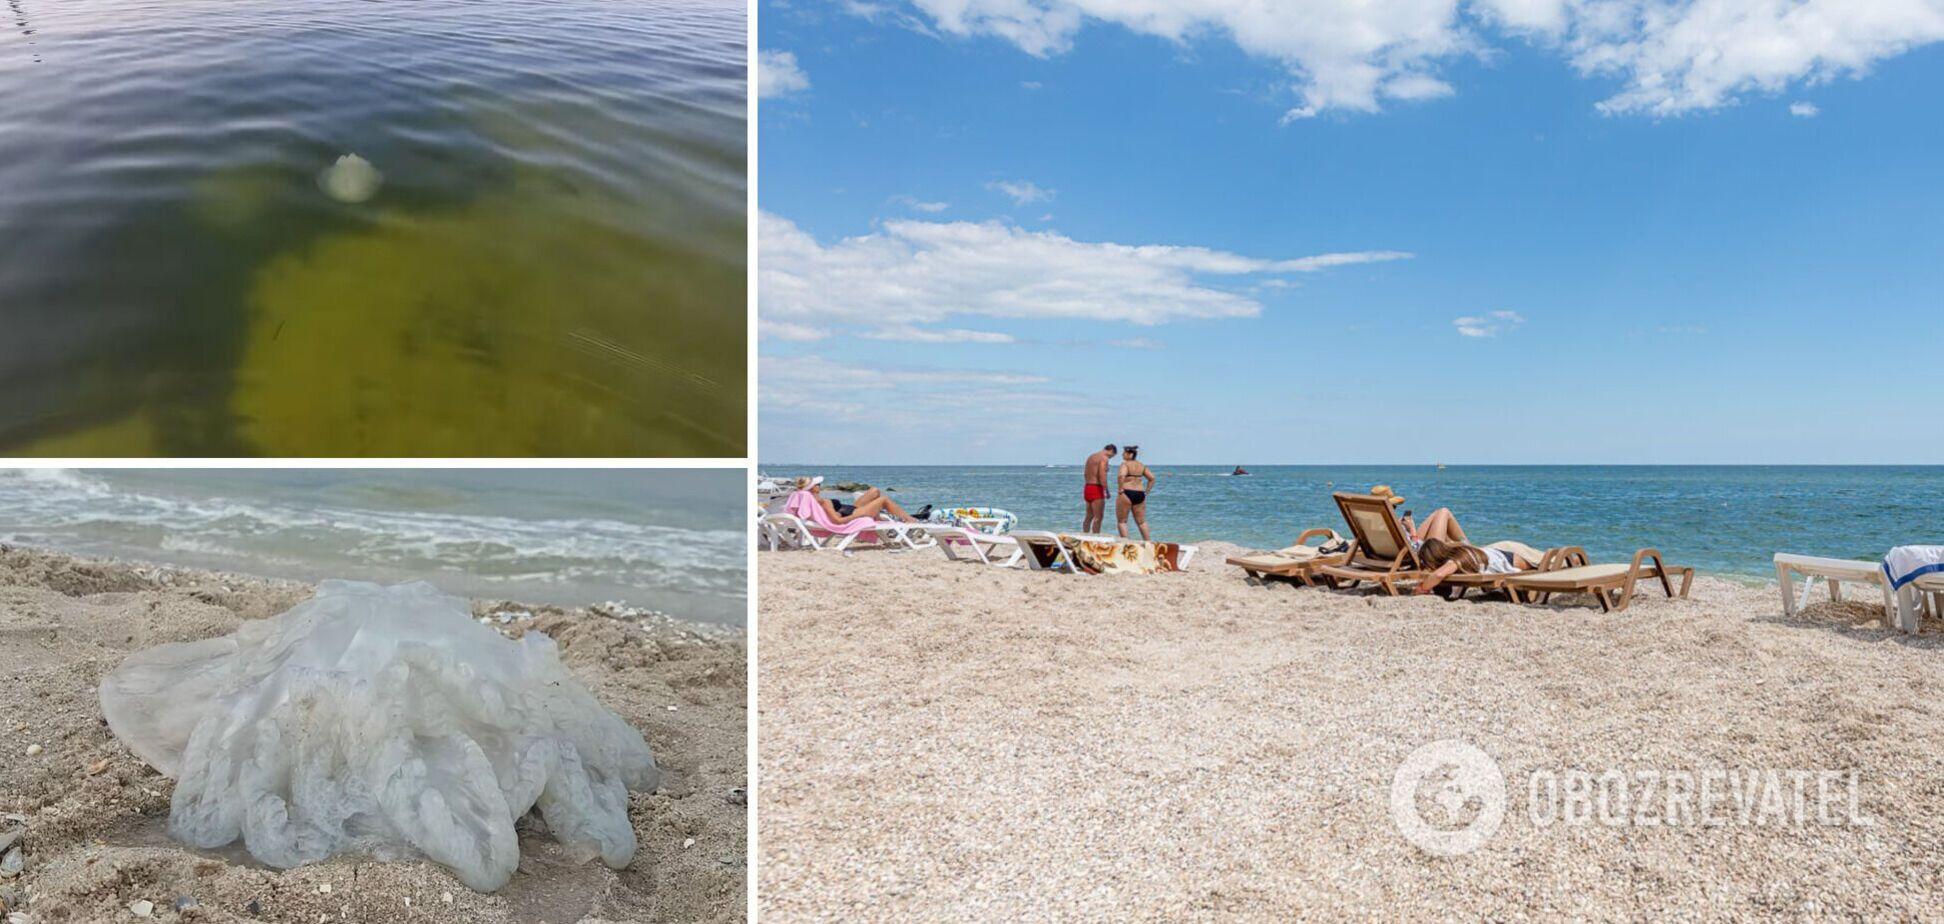 Вода кольору болота і величезні медузи: туристи показали свіжі відео з Бердянська